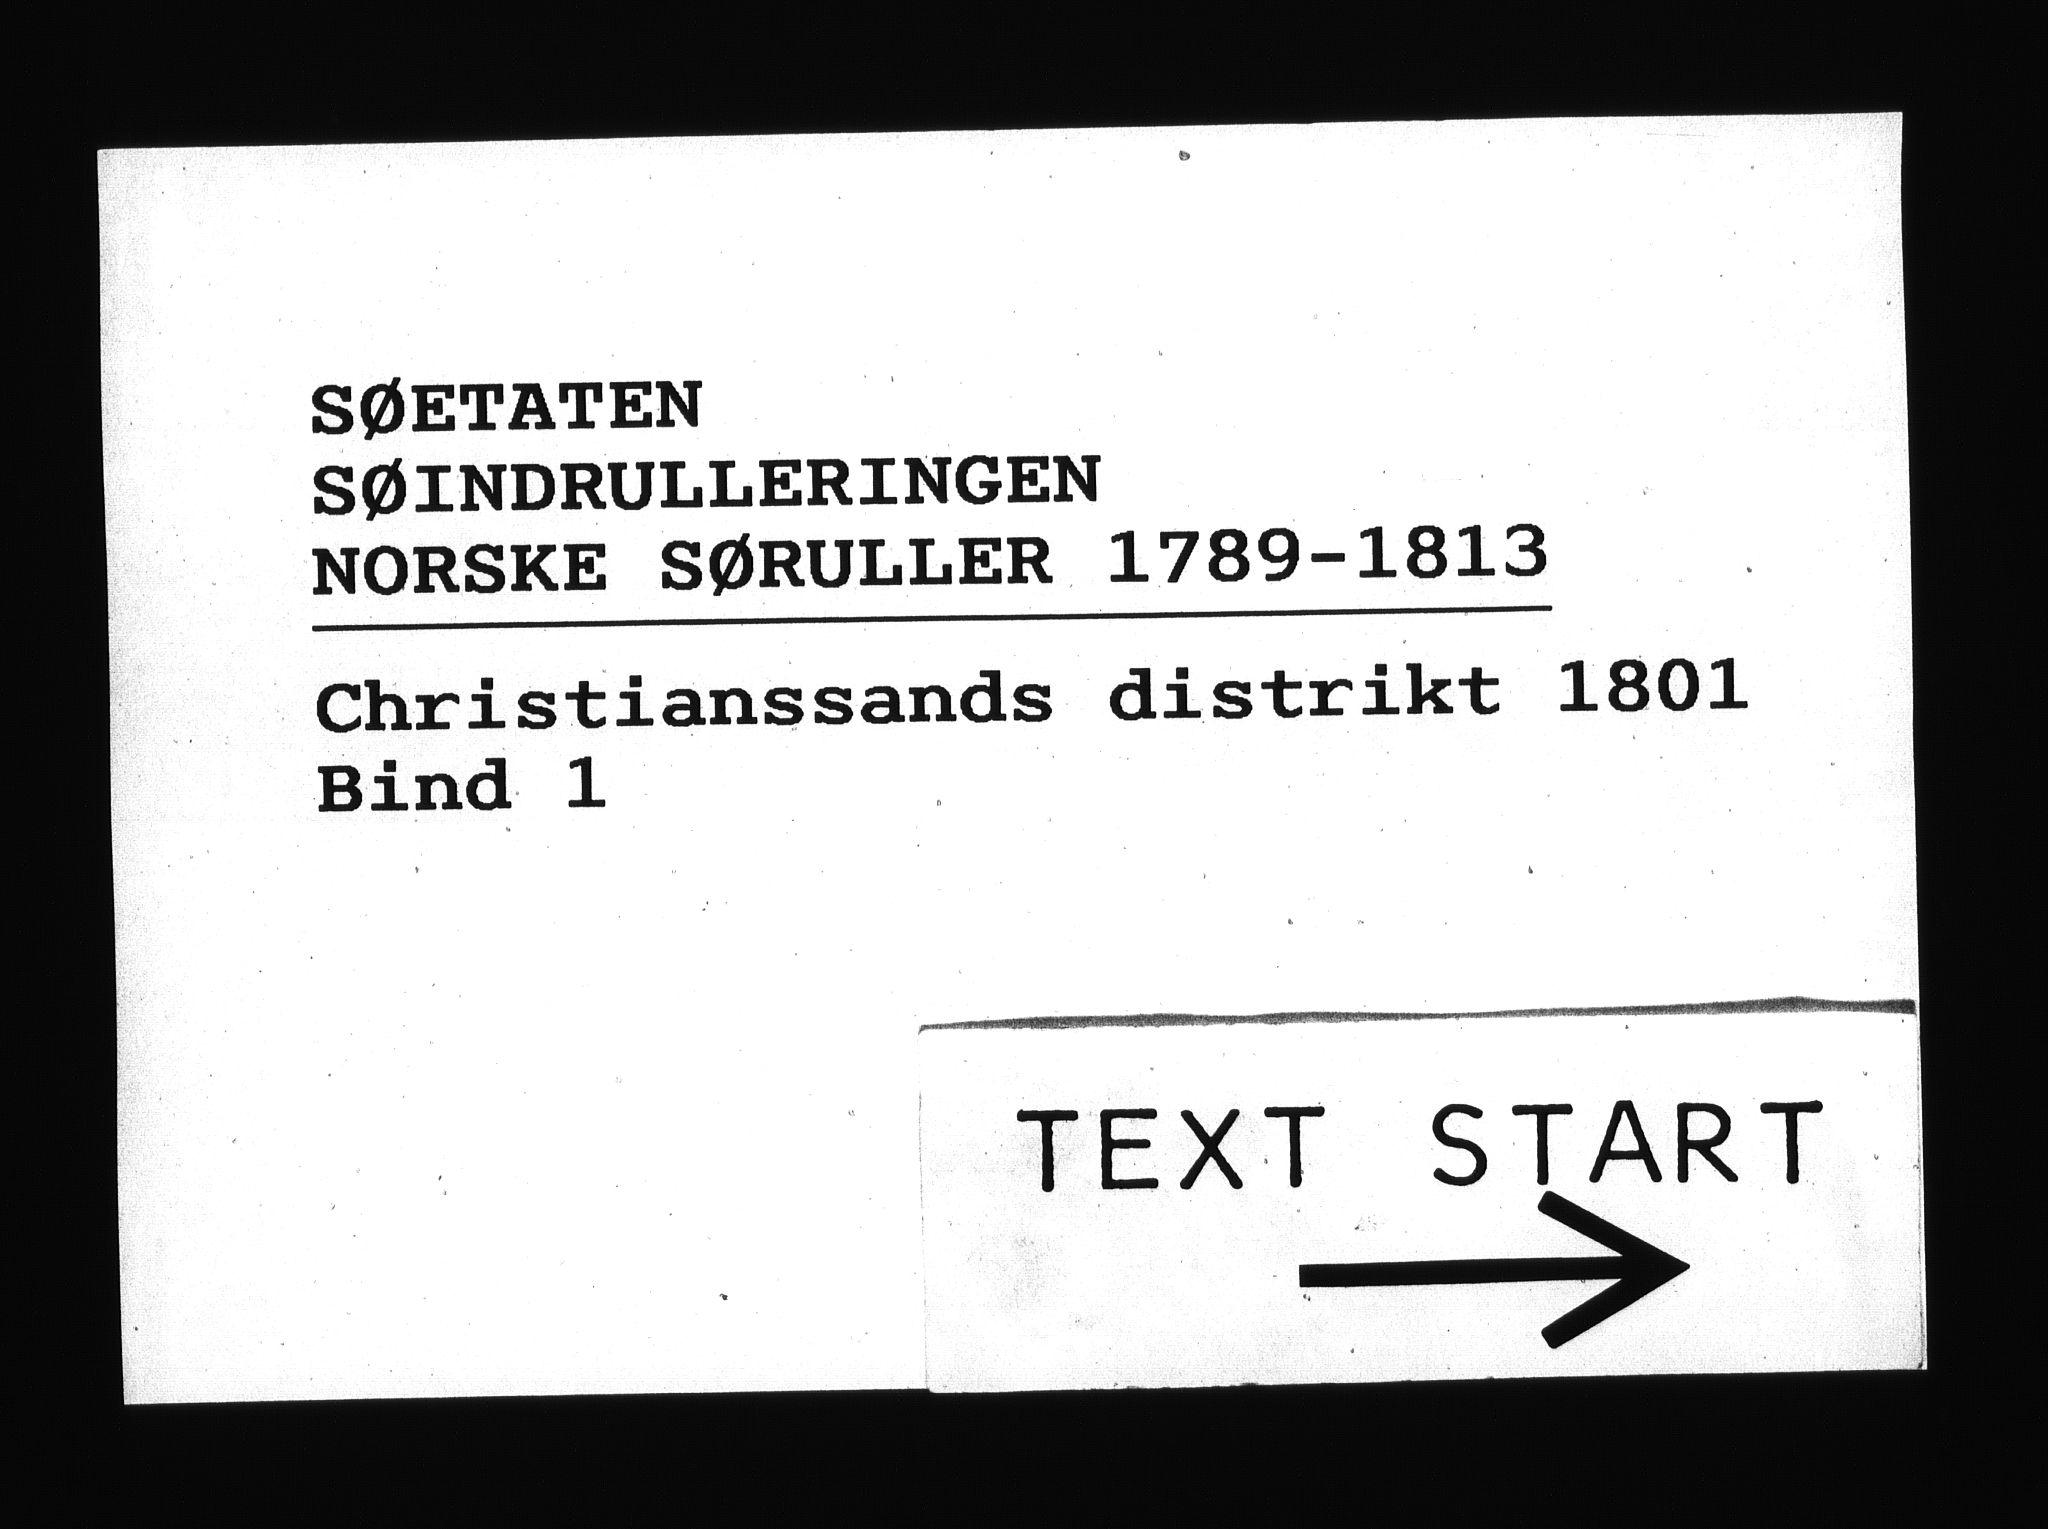 RA, Sjøetaten, F/L0042: Kristiansand distrikt, bind 1, 1801